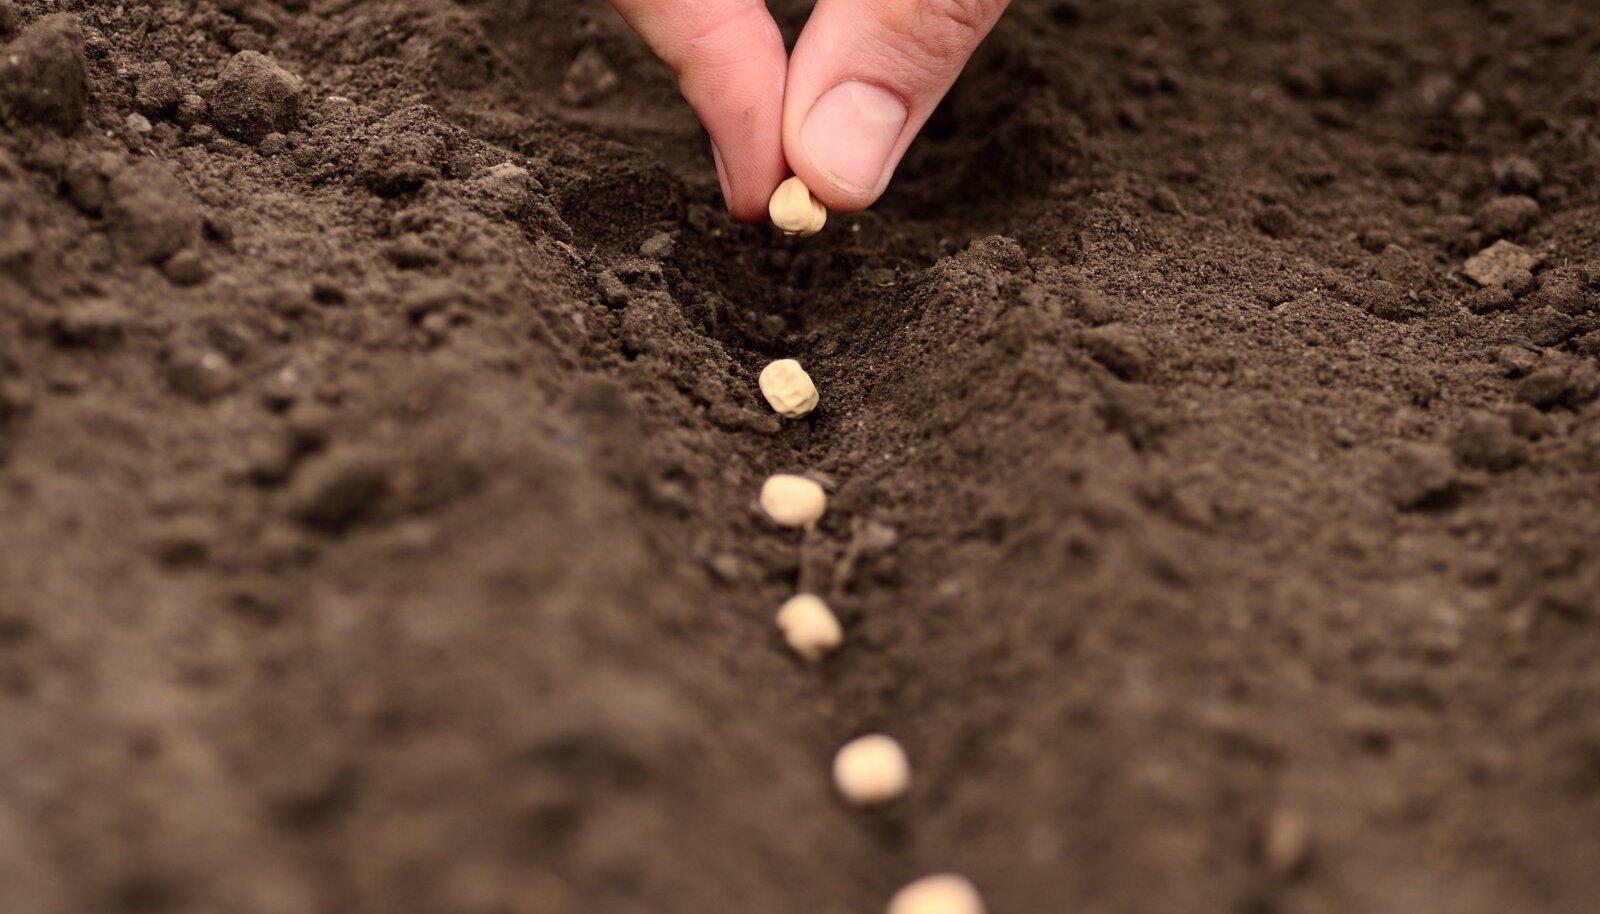 Külvake seemned 10 cm sügavusse külvivakku.